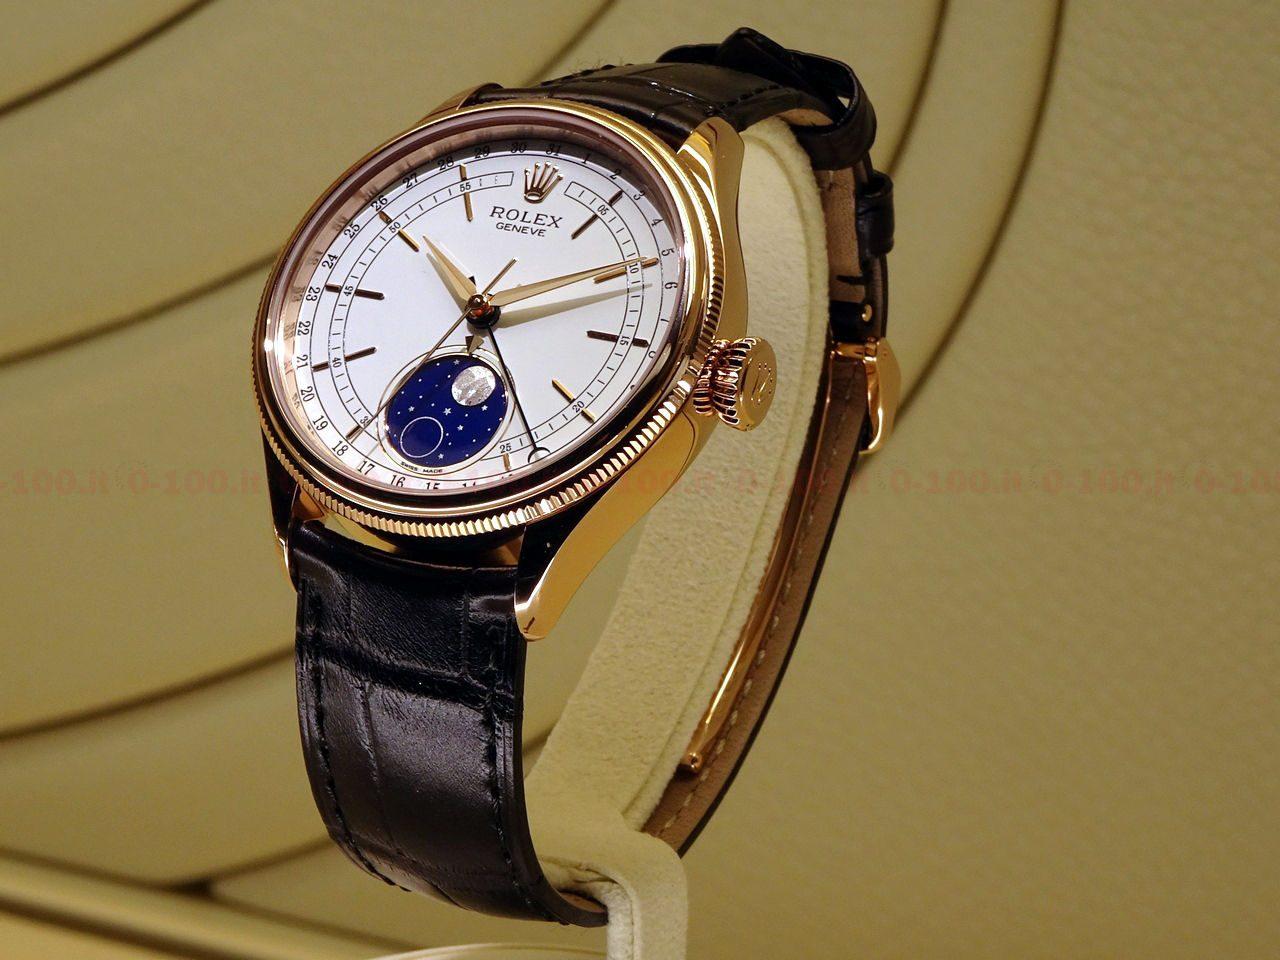 ROLEX CELLINI MOONPHASE REF. 50535-prezzo-price_0-1003